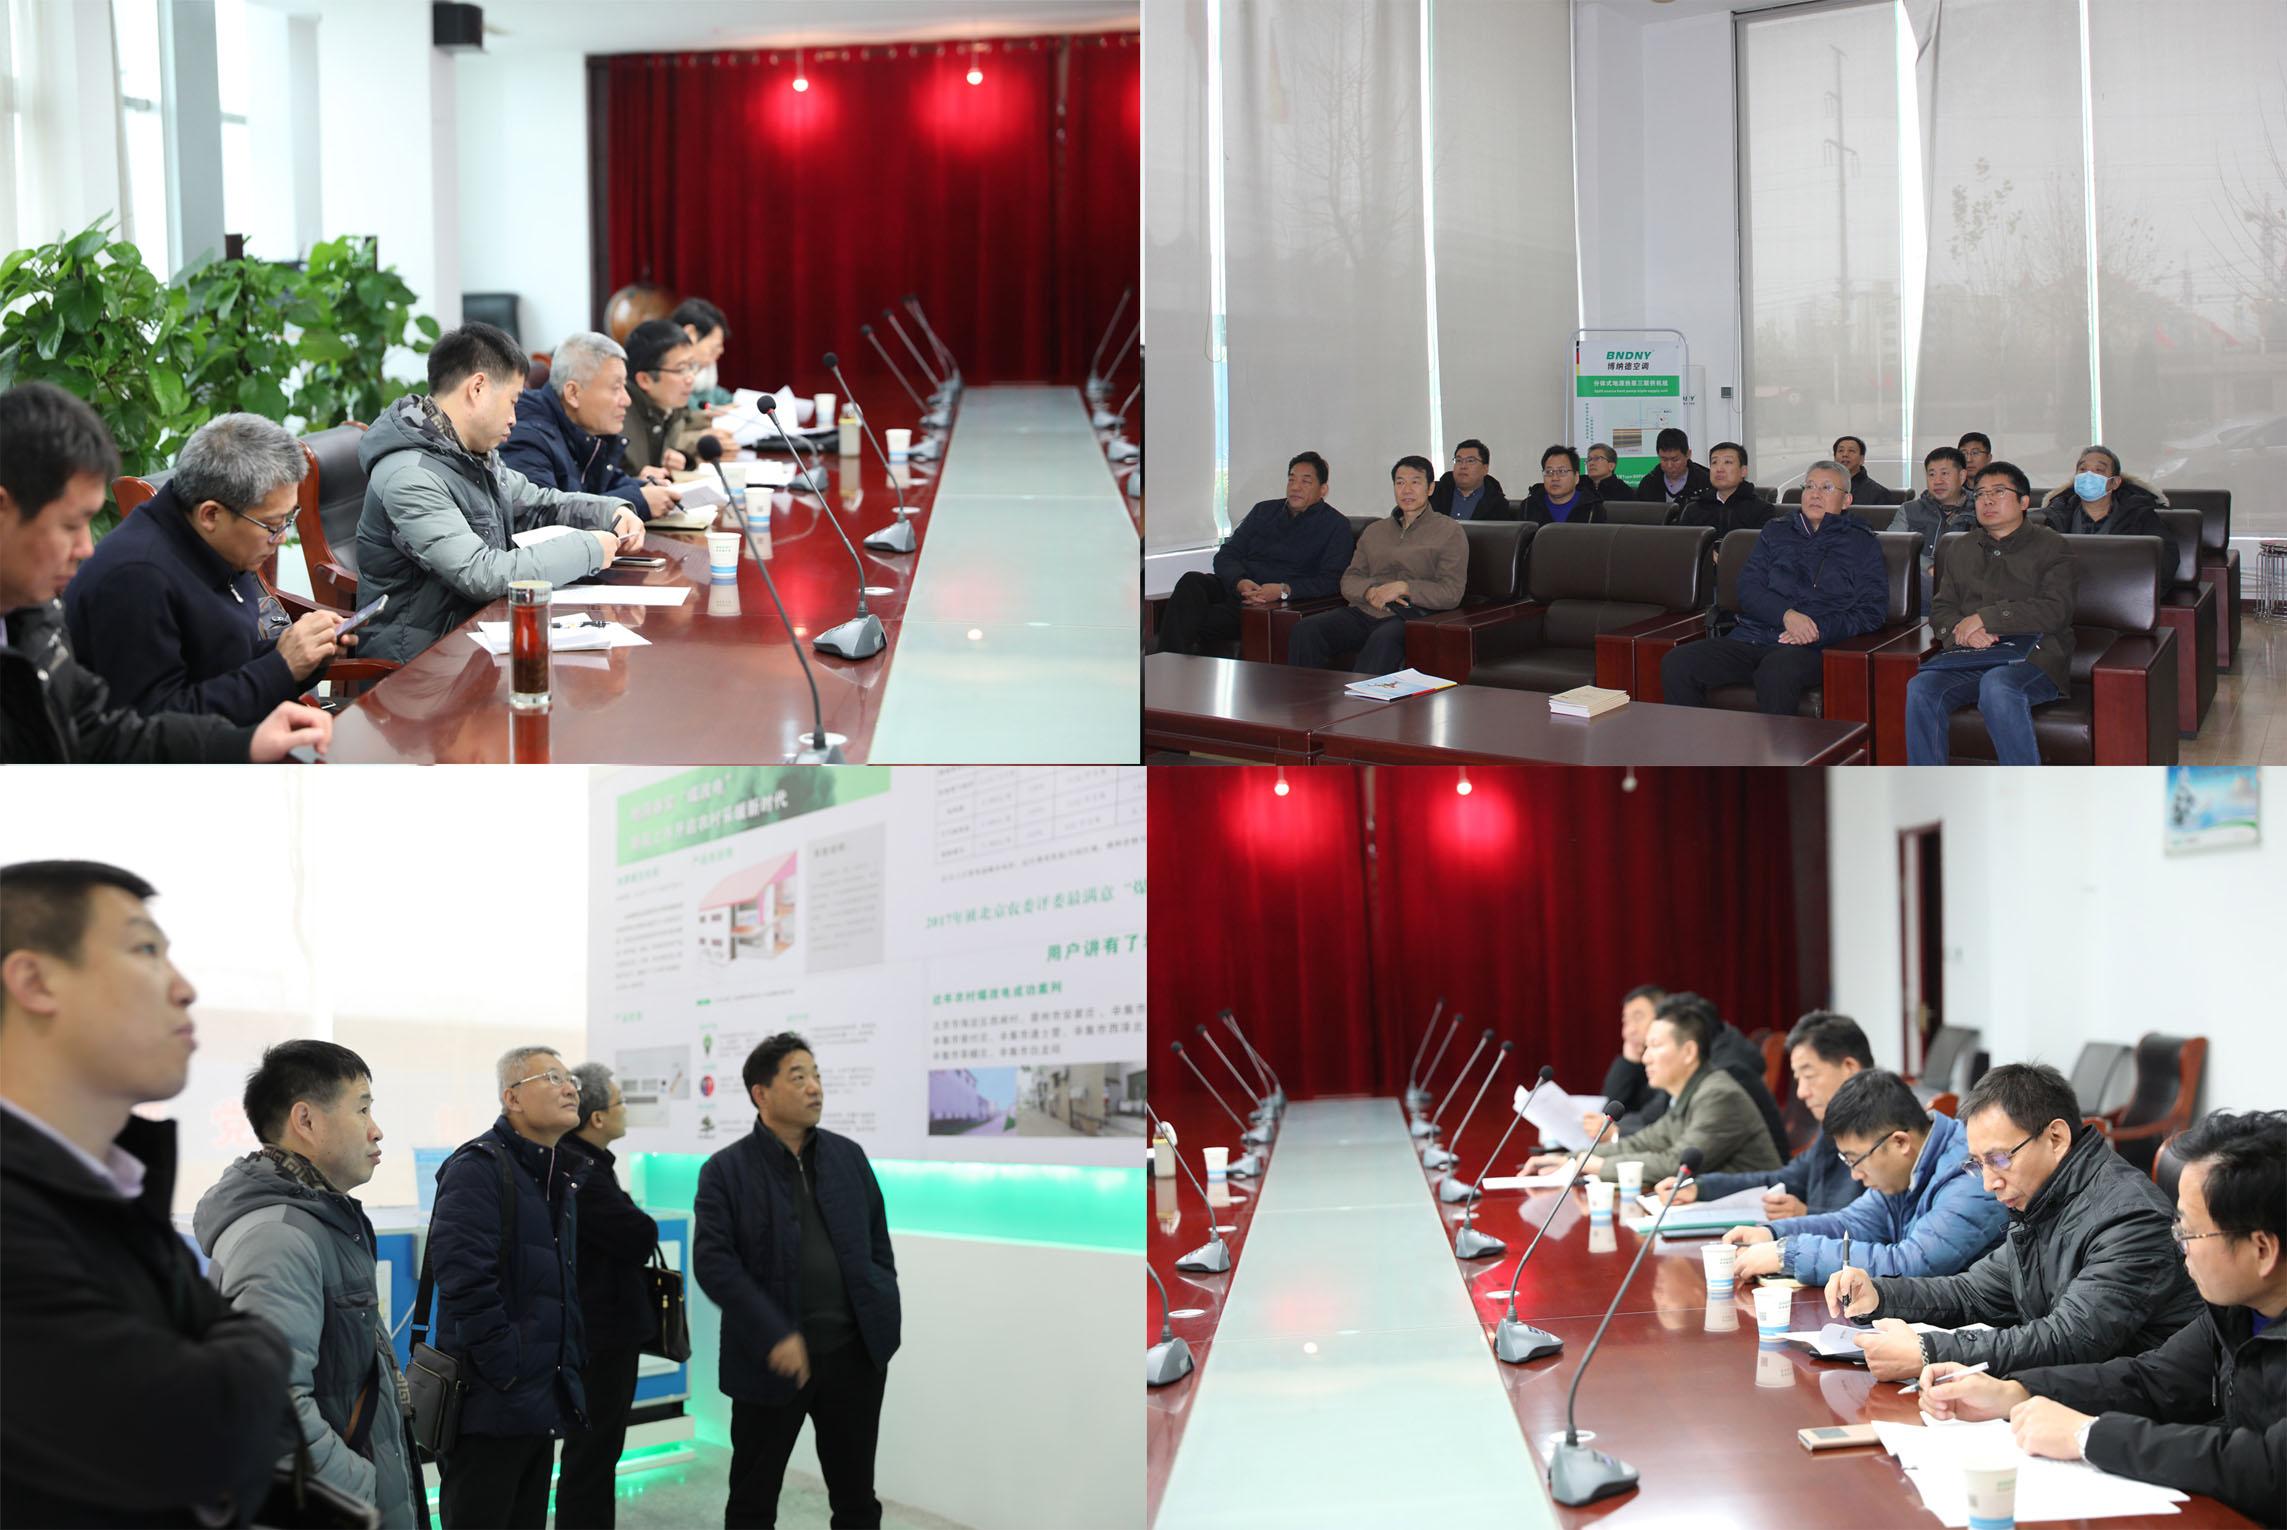 石家庄市发展和改革委员会领导到万博app苹果版下载公司参观调研